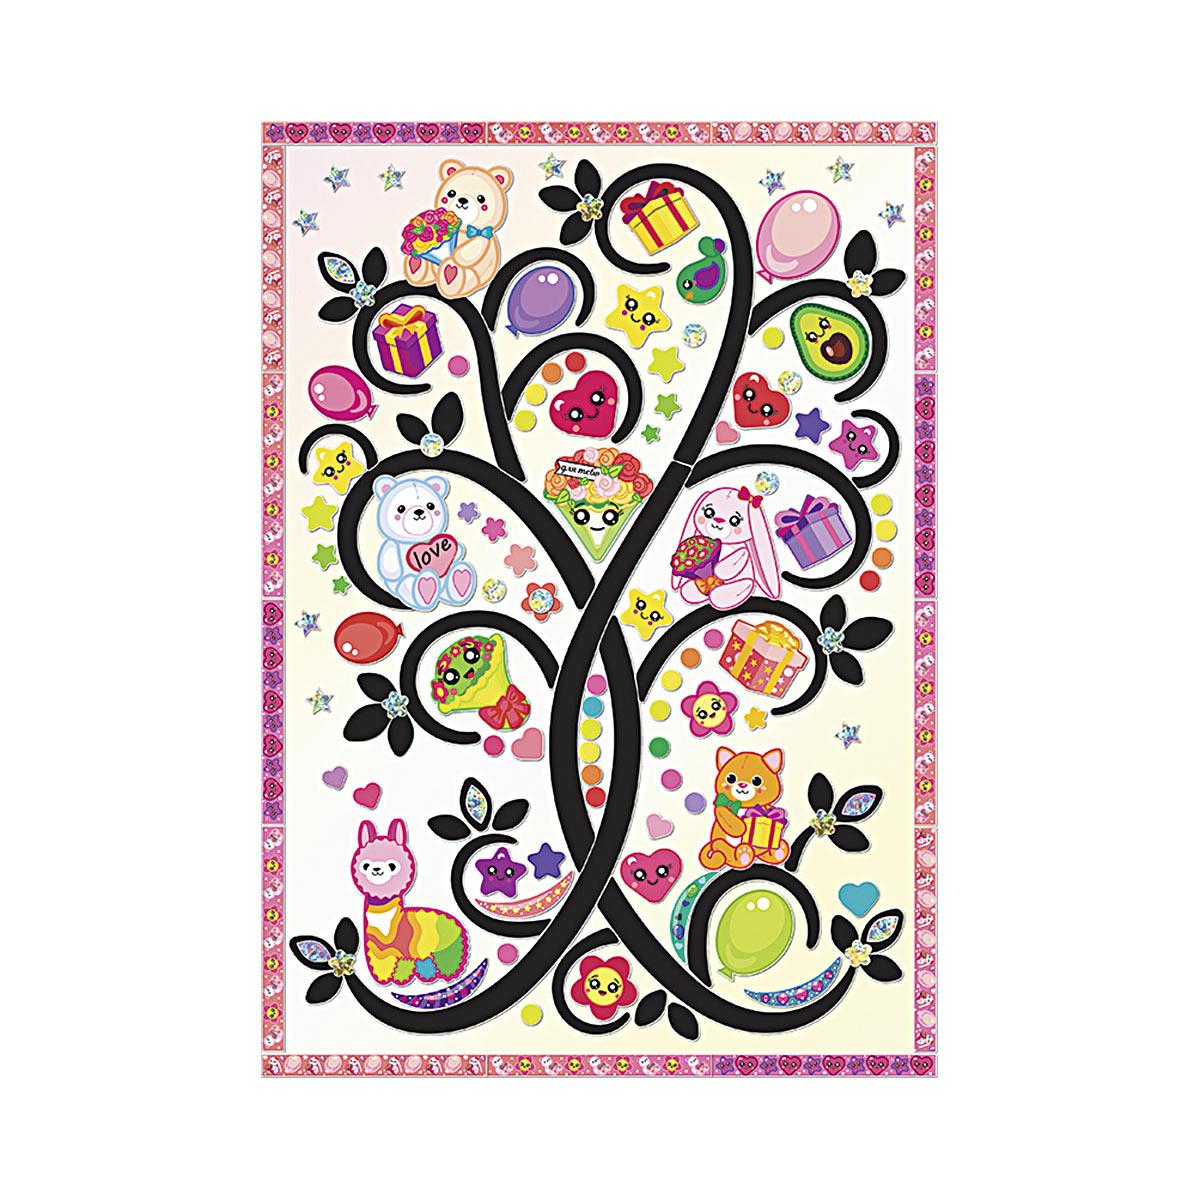 АС 43-324 Набор для изготовления картины 'Плюшевое дерево' (декорирование) 210*297 мм Клевер